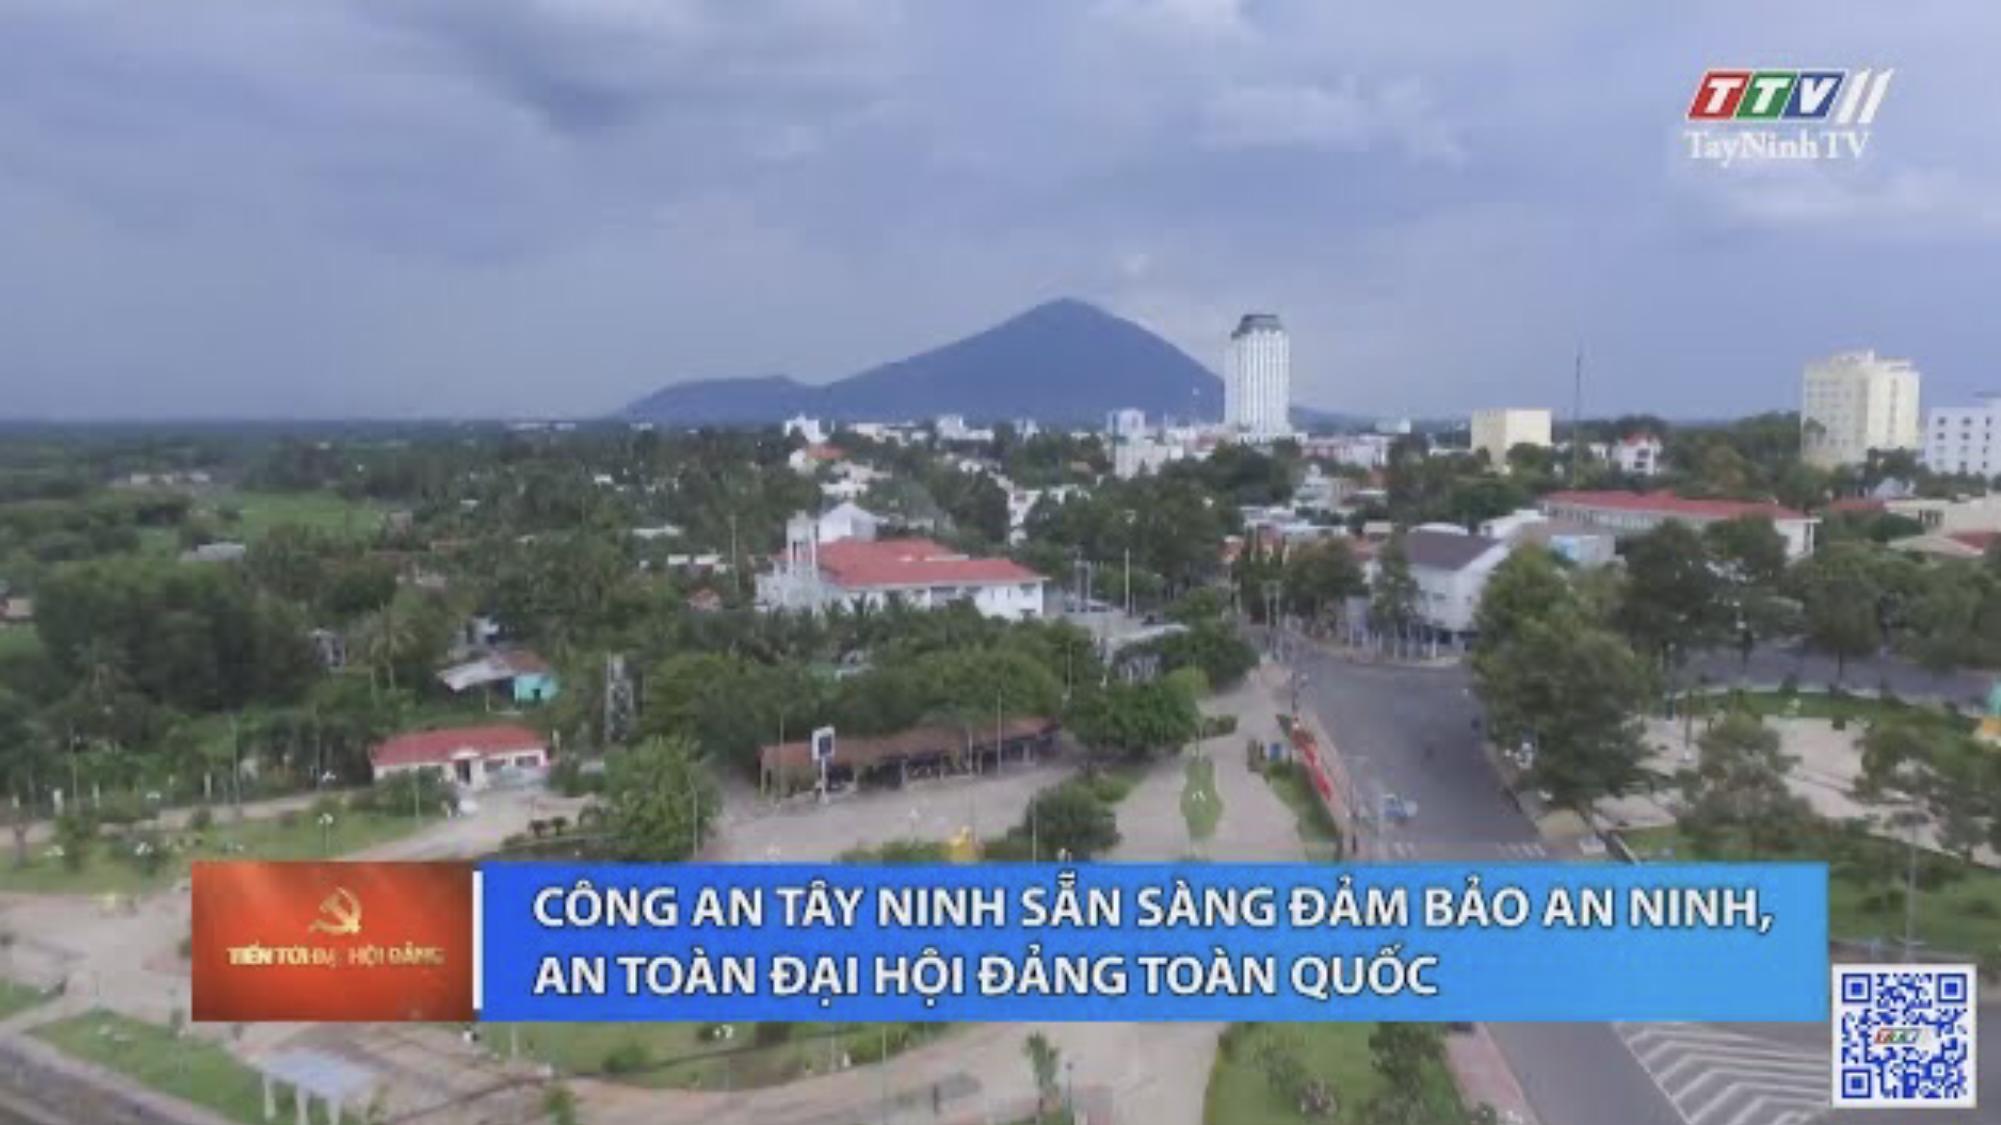 Công an Tây Ninh sẵn sàng đảm bảo an ninh an toàn Đại hội Đảng toàn quốc | TIẾN TỚI ĐẠI HỘI ĐẢNG | TayNinhTV